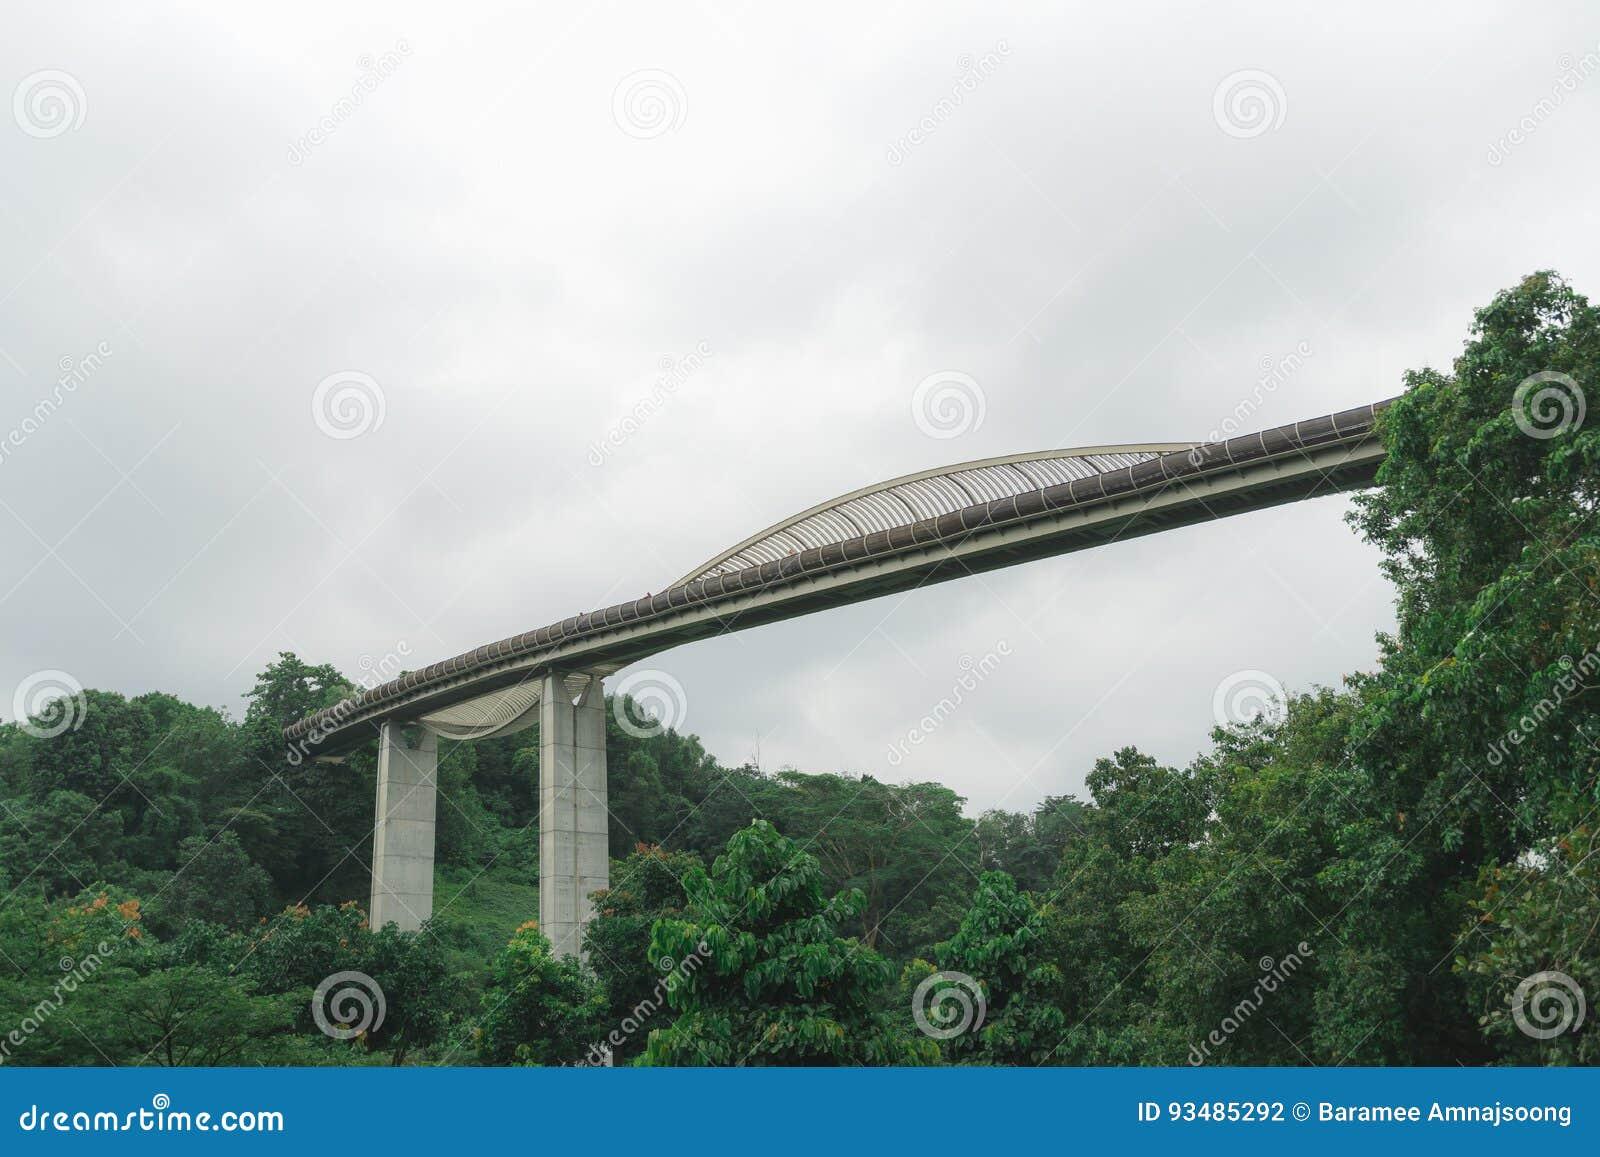 Singapore Henderson Wave Bridge At Mount Faber Park Stock